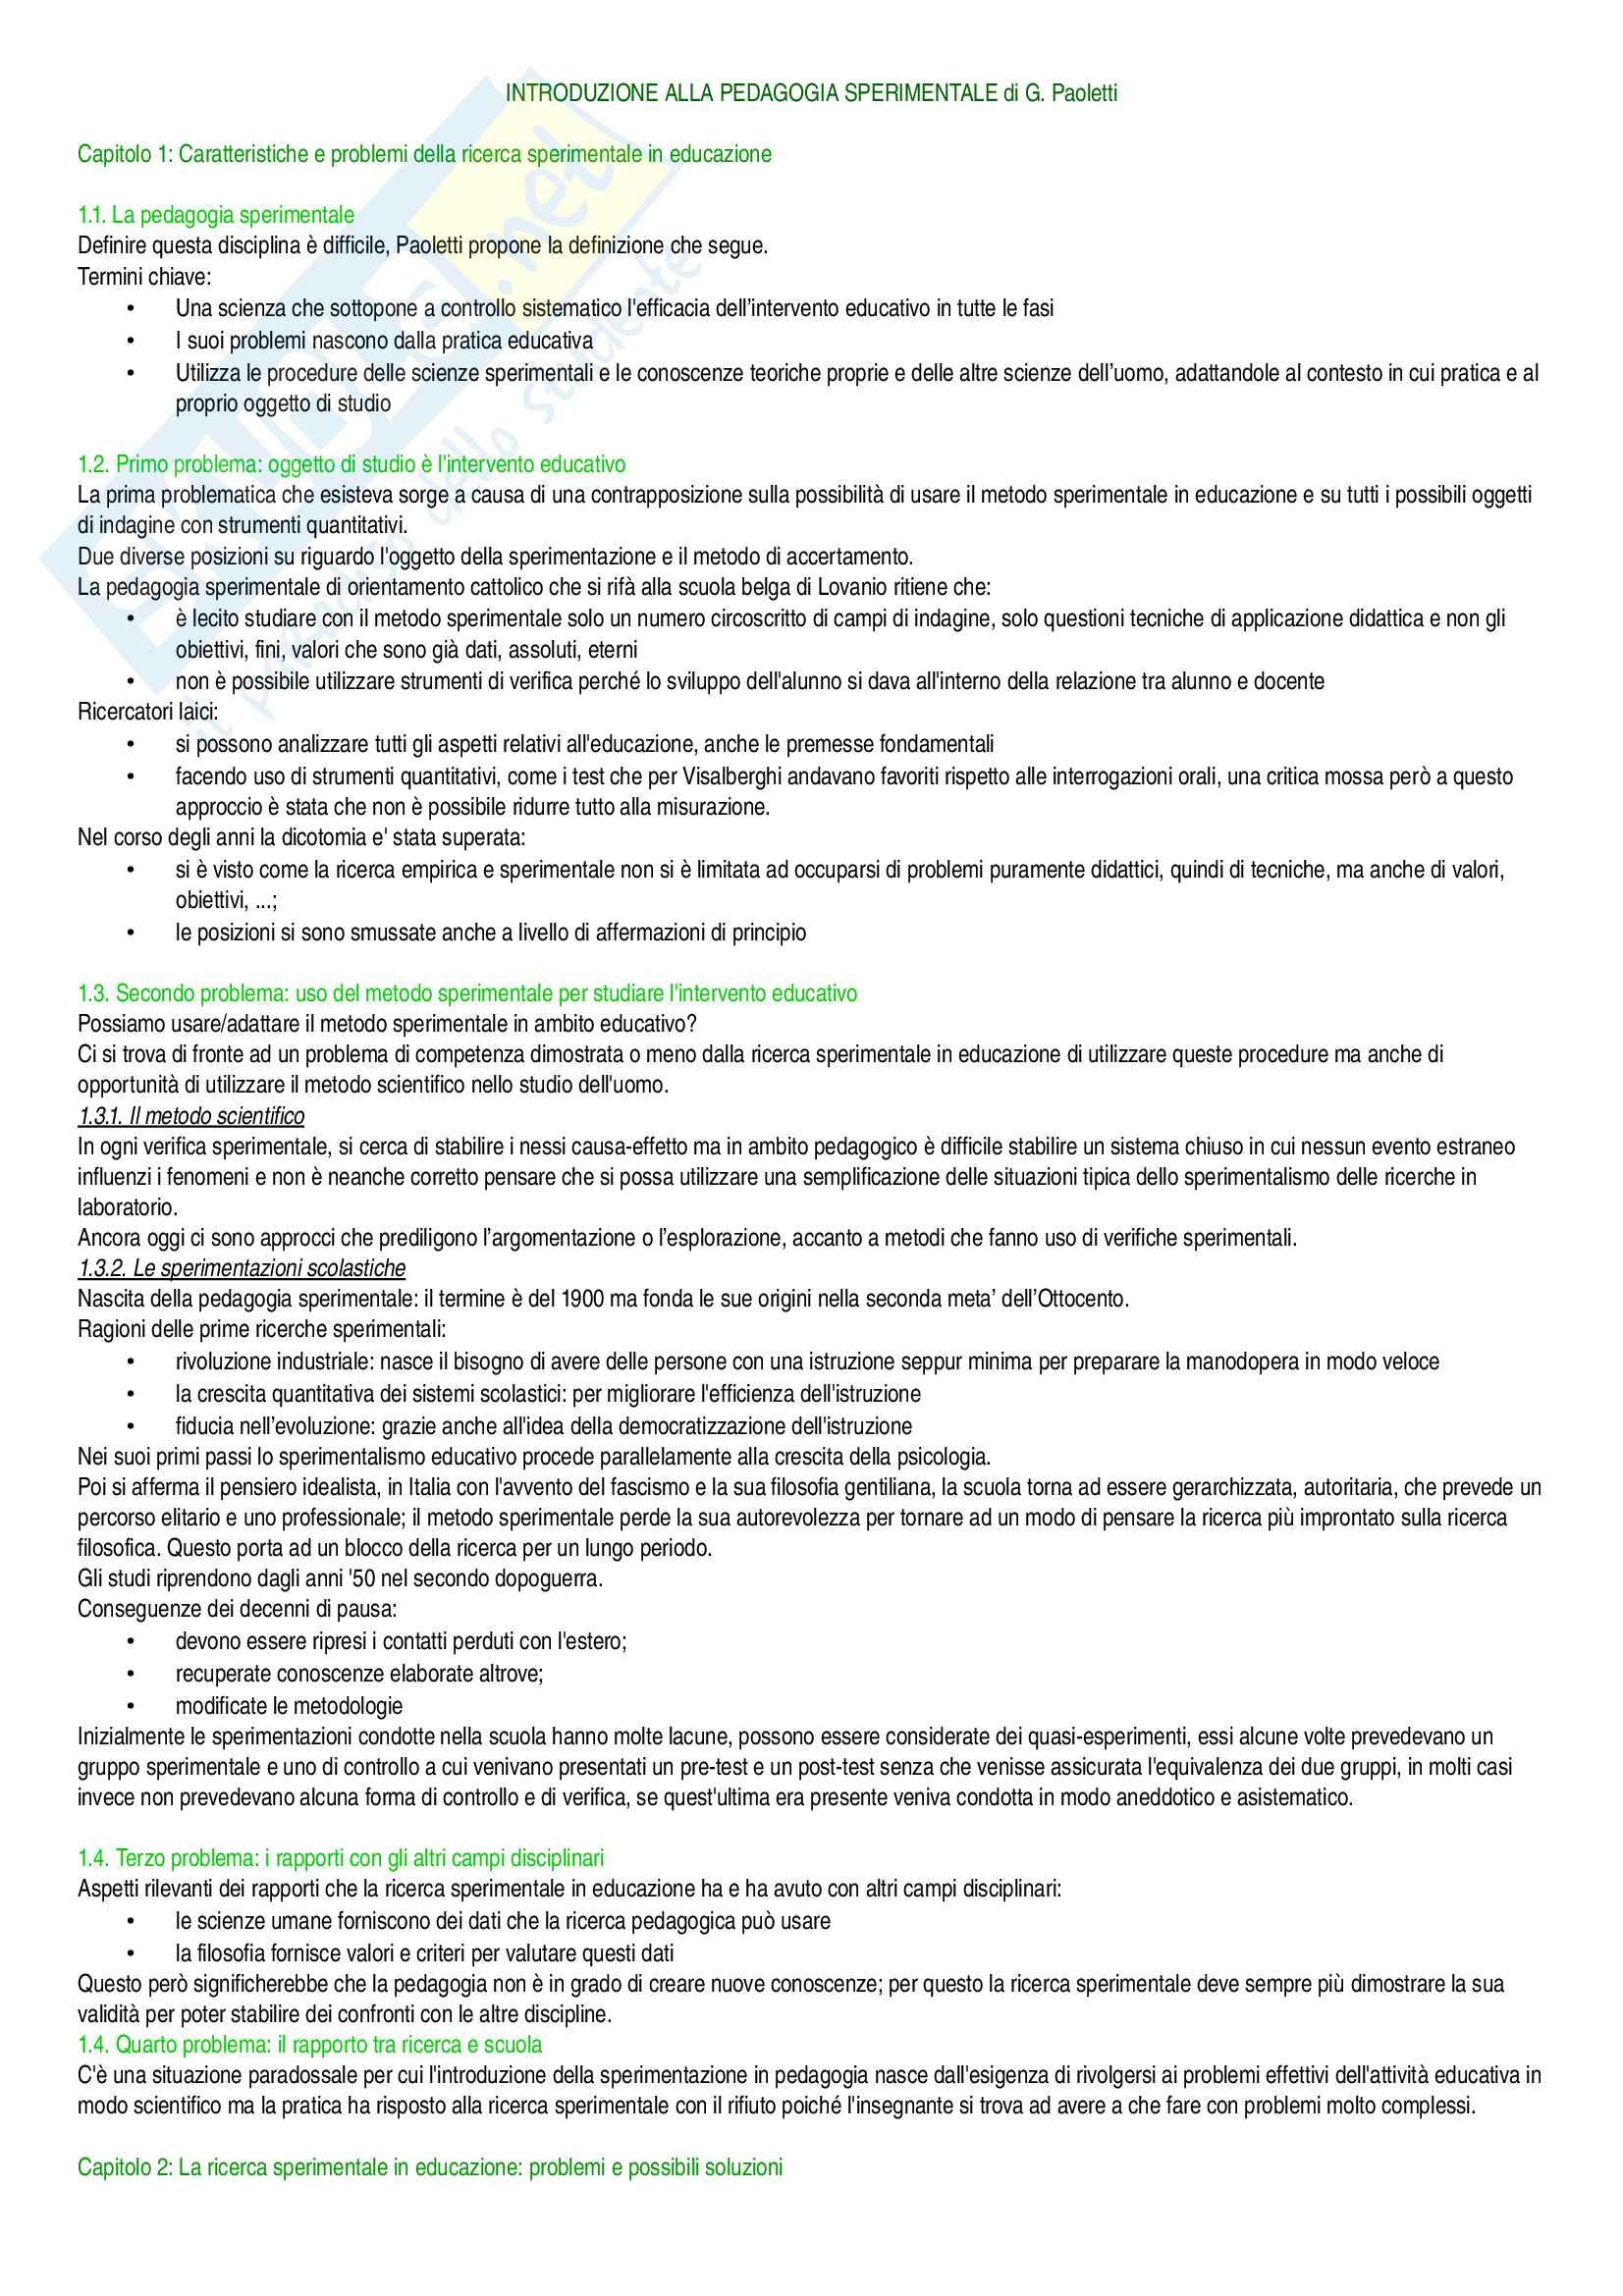 Riassunto esame Pedagogia sperimentale, prof. Paoletti, libro consigliato Introduzione alla pedagogia sperimentale, Paoletti